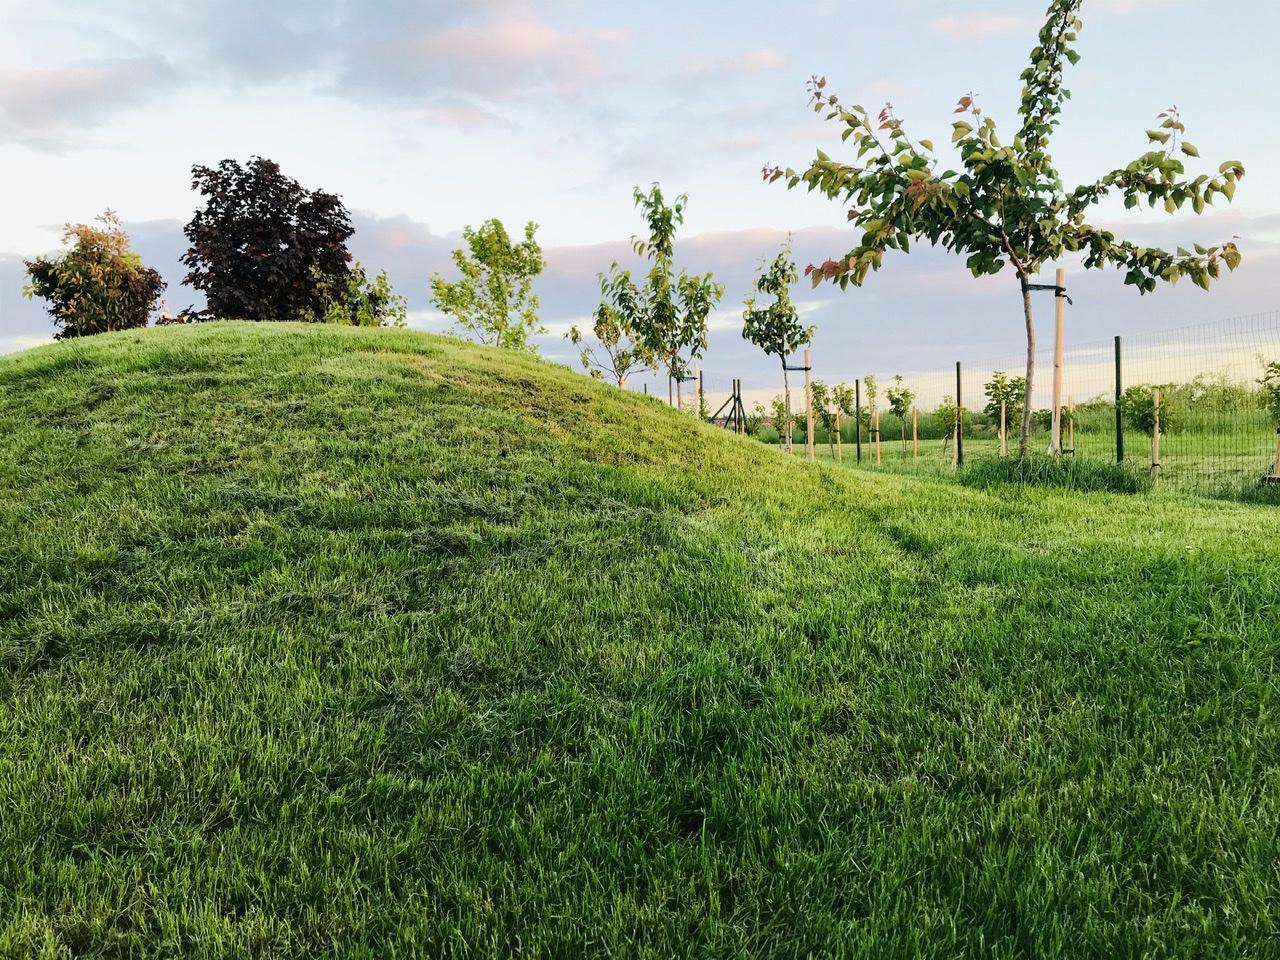 Naše L-ko - 2021 - stále dokončujeme - Ovocná ulička za kopčekom. U plotu je ulička bobulovin, ribizle červene, čierne, egreše. Za kopečekom su tu mladé ovocné stromčeky v stromoradí... Ovocná ulička bude mať další rok ešte vytvorený chodníček z nášlapov (odstrani sa travny drn a vysadia podokryvne rastlinky)